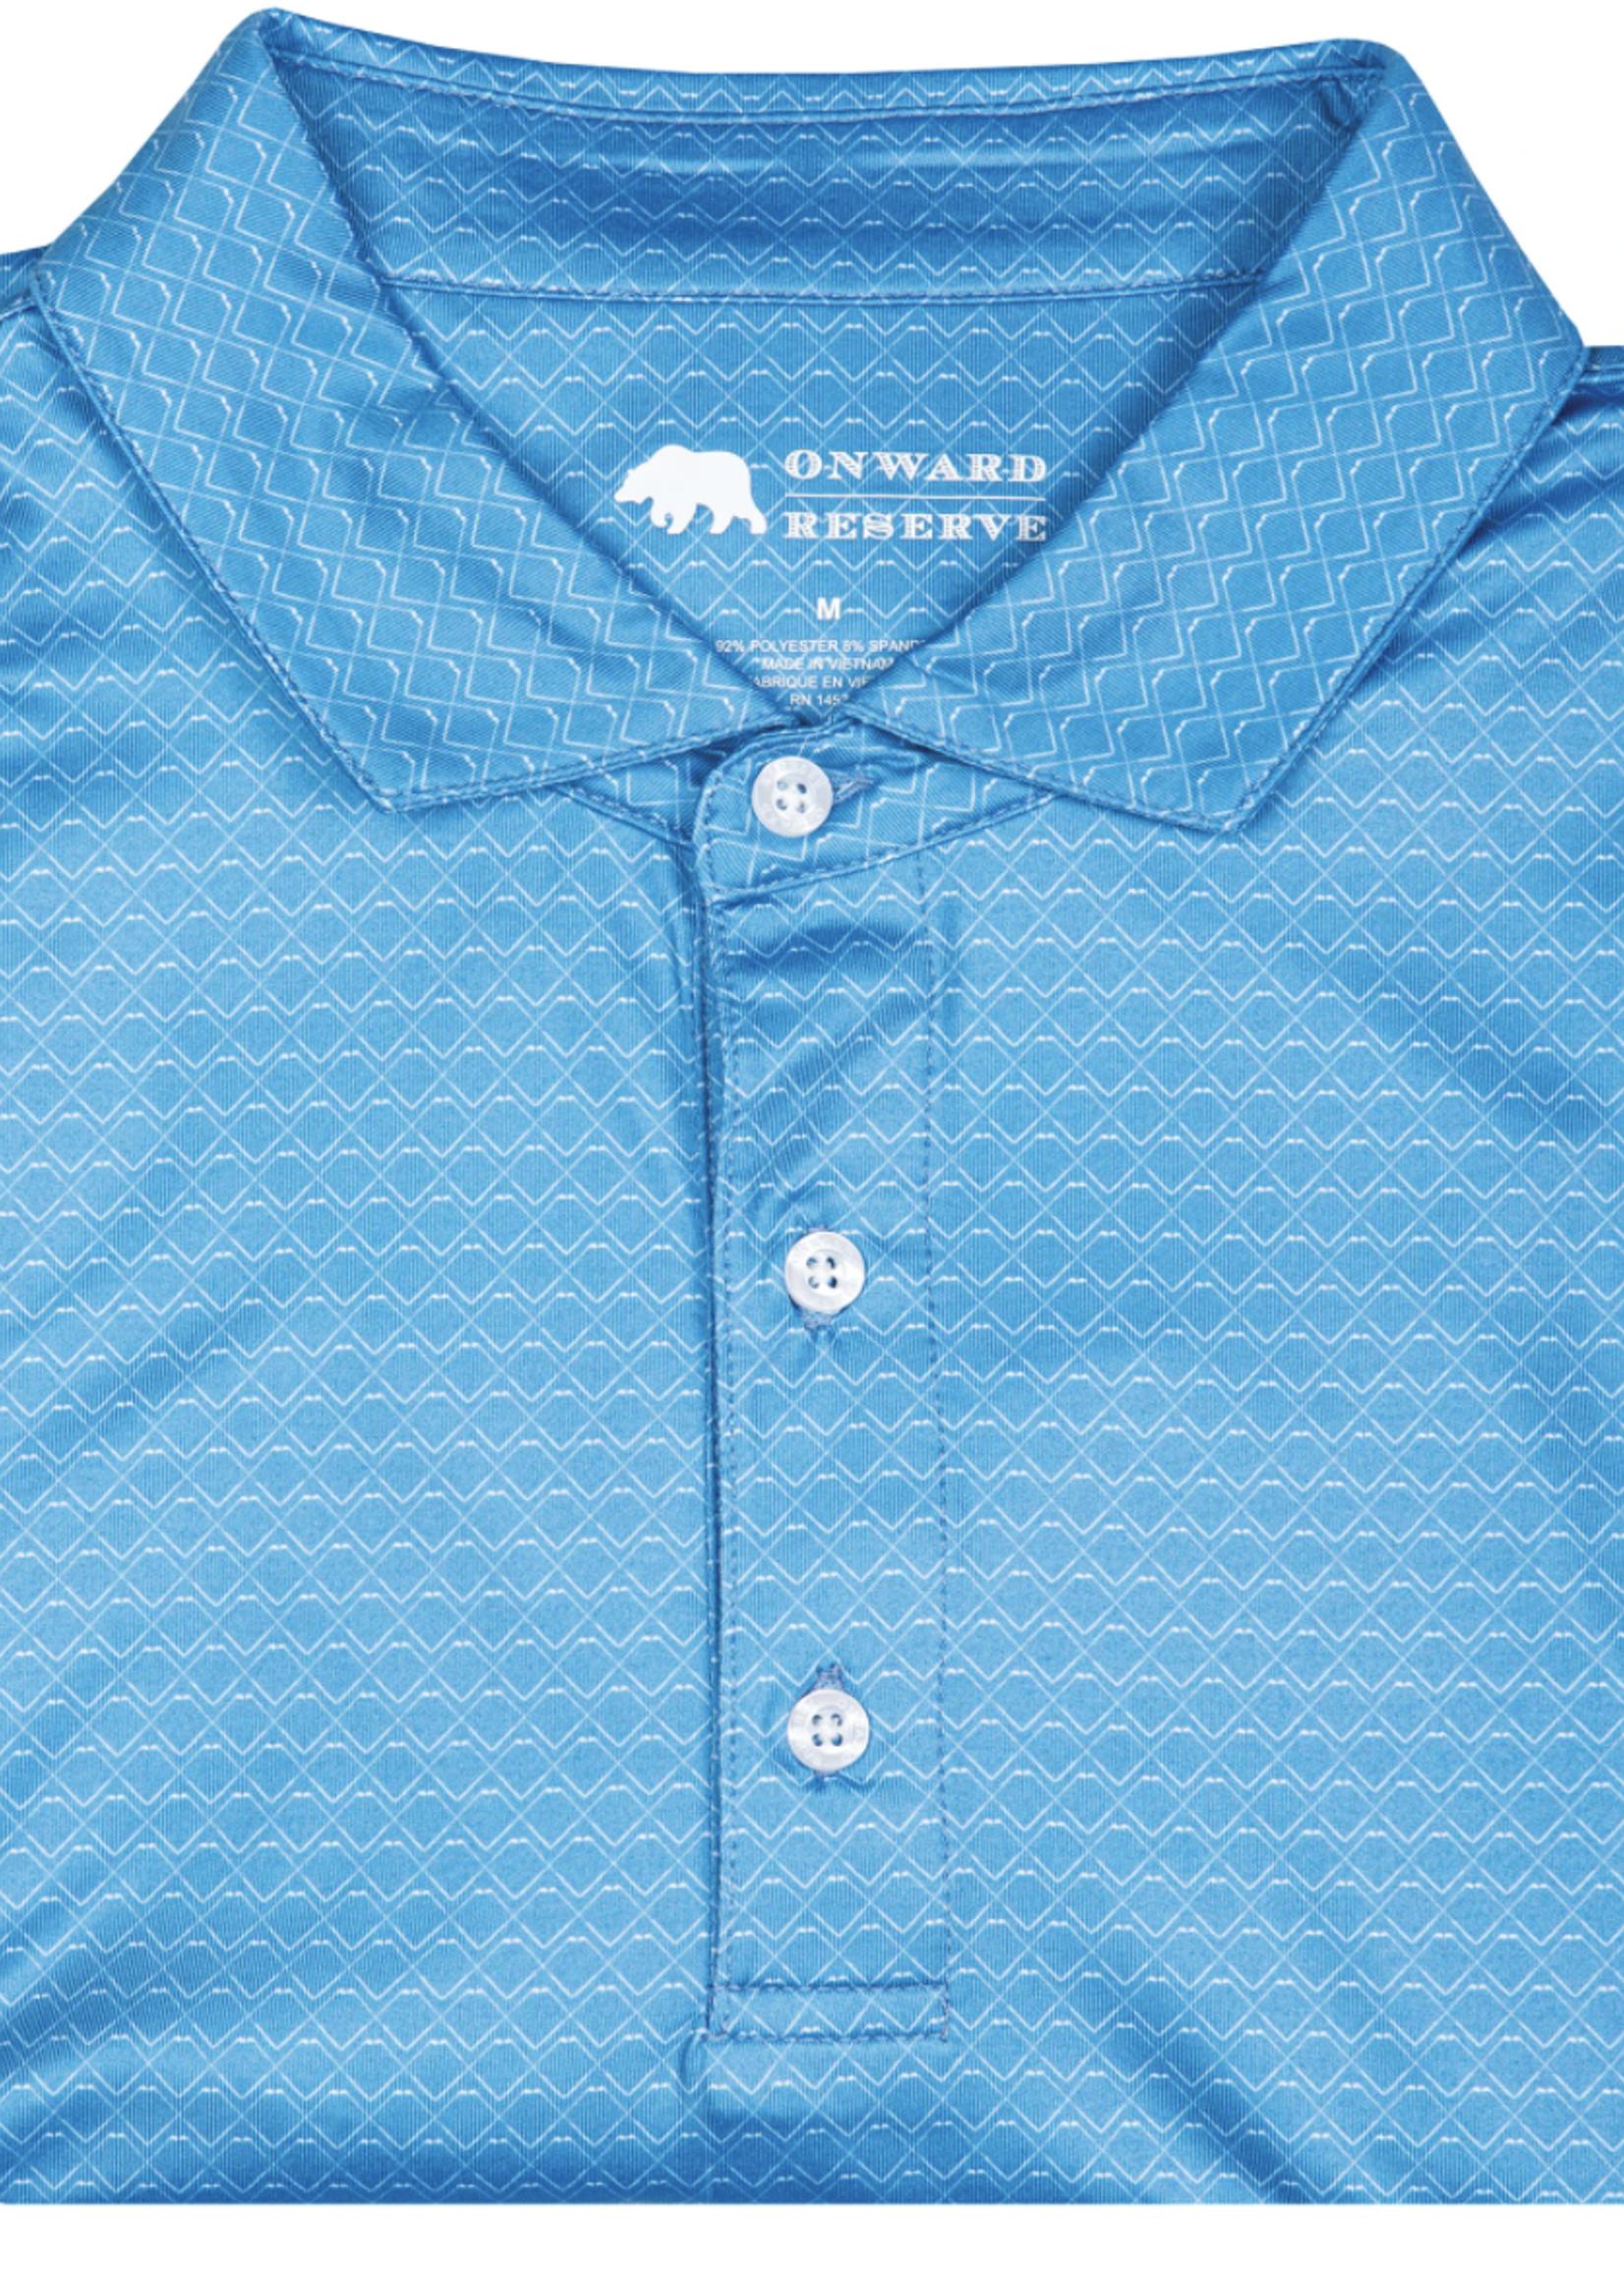 Onward Reserve Crossed Clubs Blue